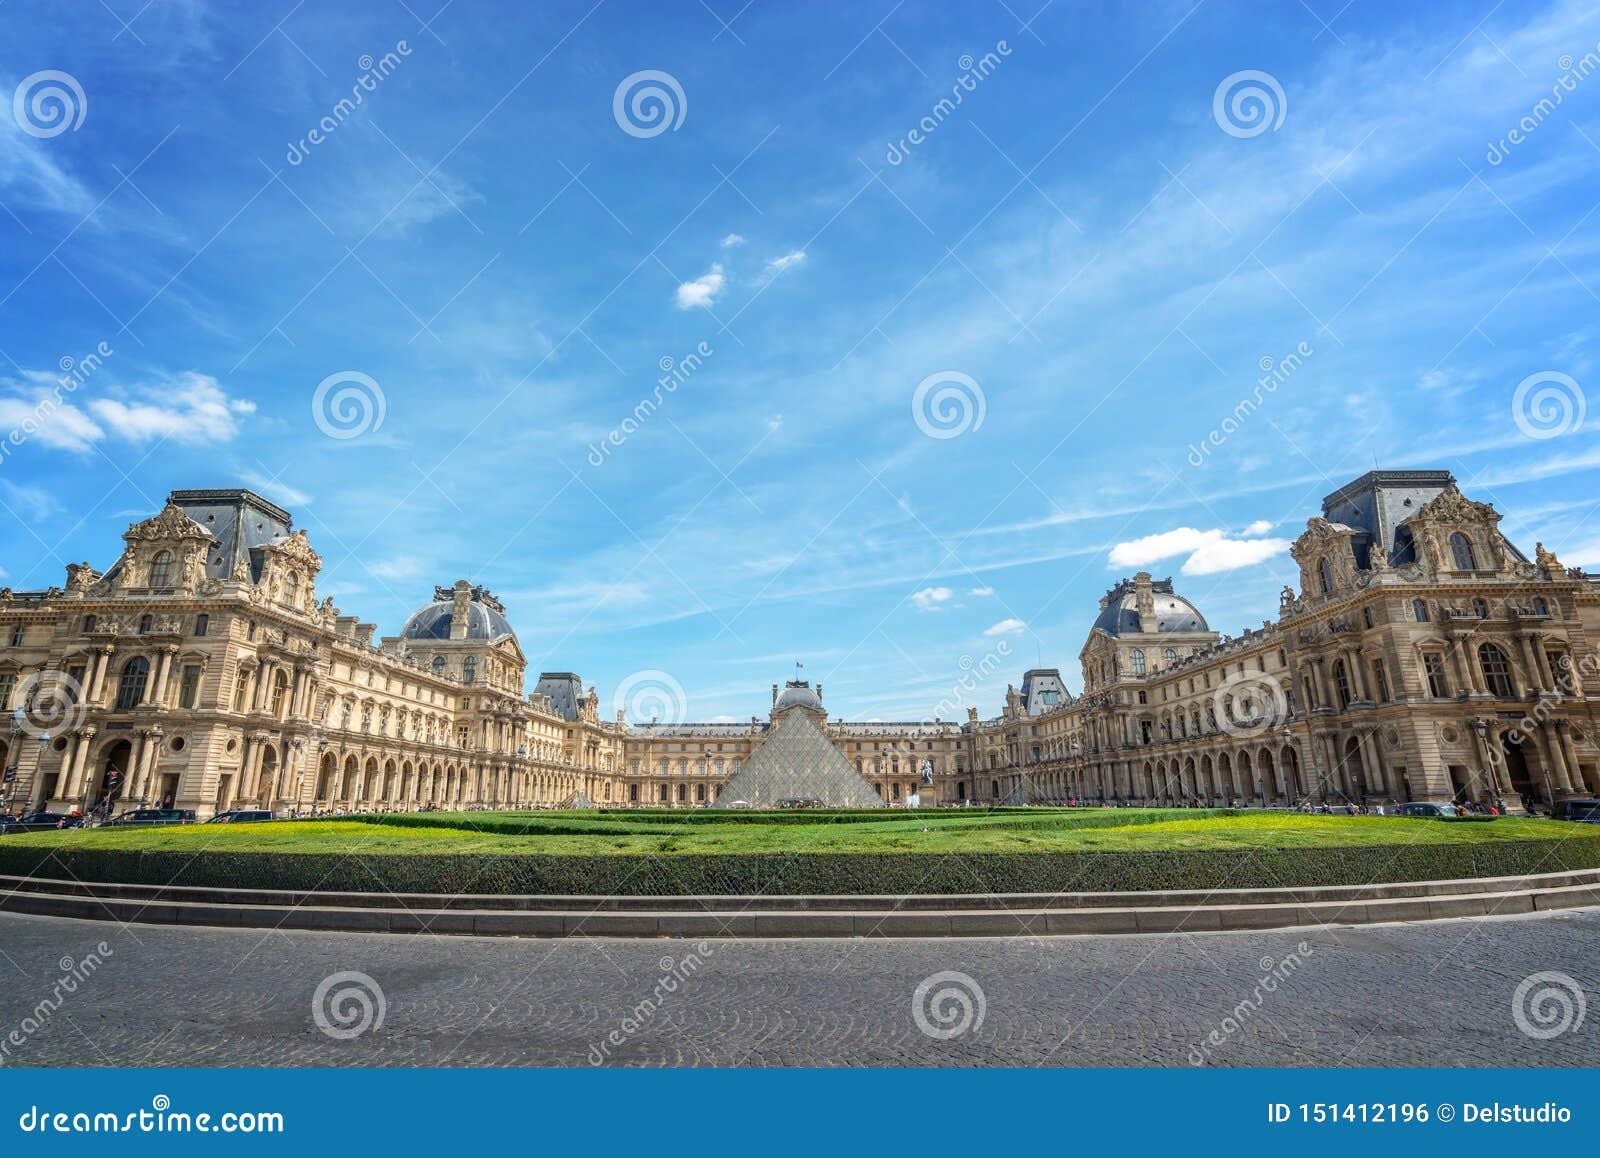 Симметричный взгляд главного двора дворца жалюзи с историческими зданиями и современной пирамидой, Парижем Францией